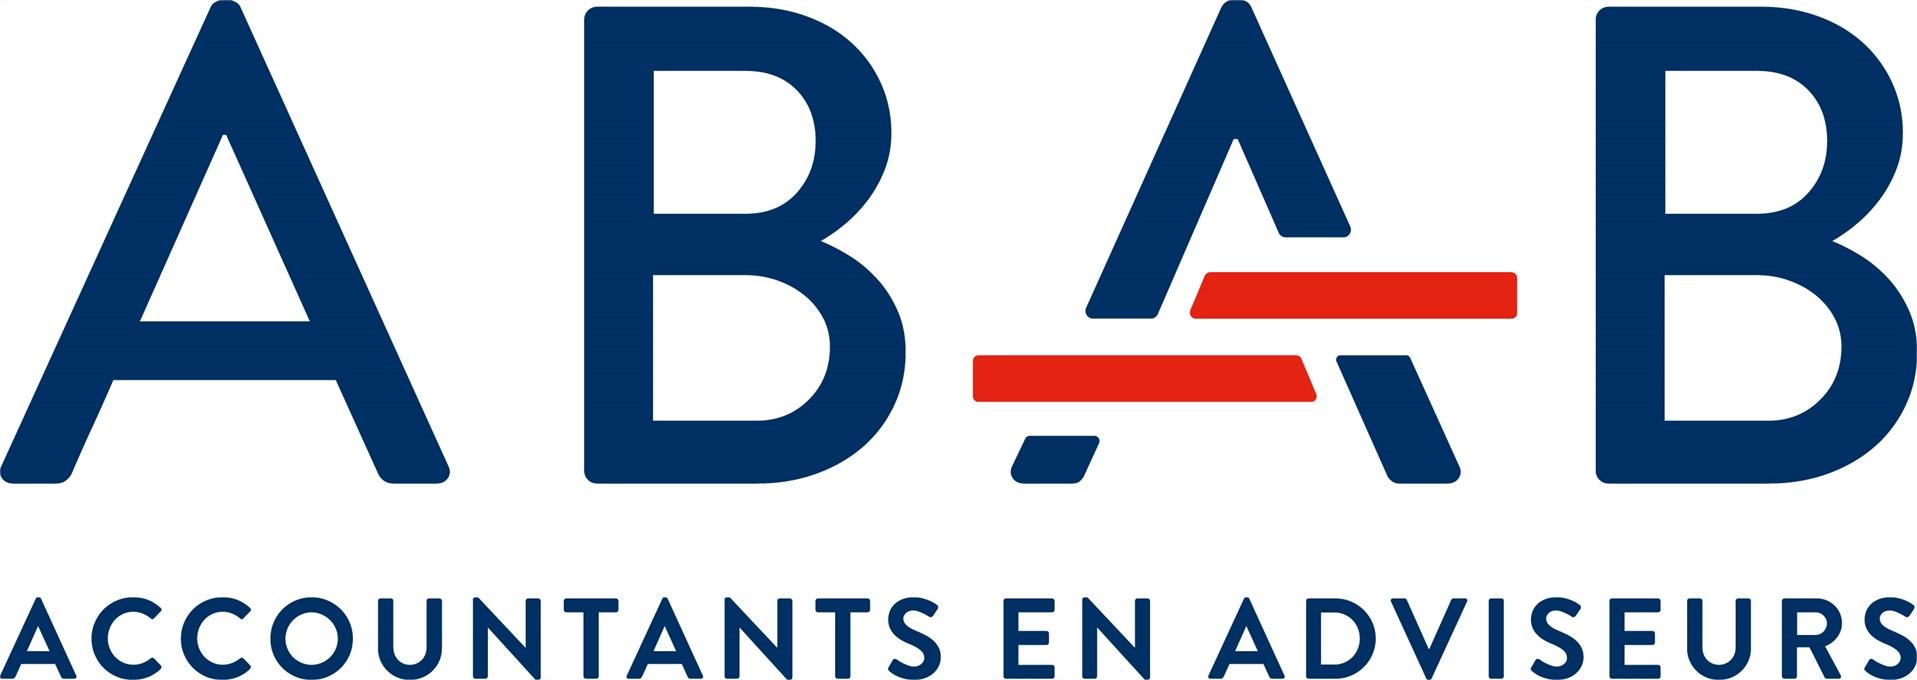 ABAB Accountants en Adviseurs